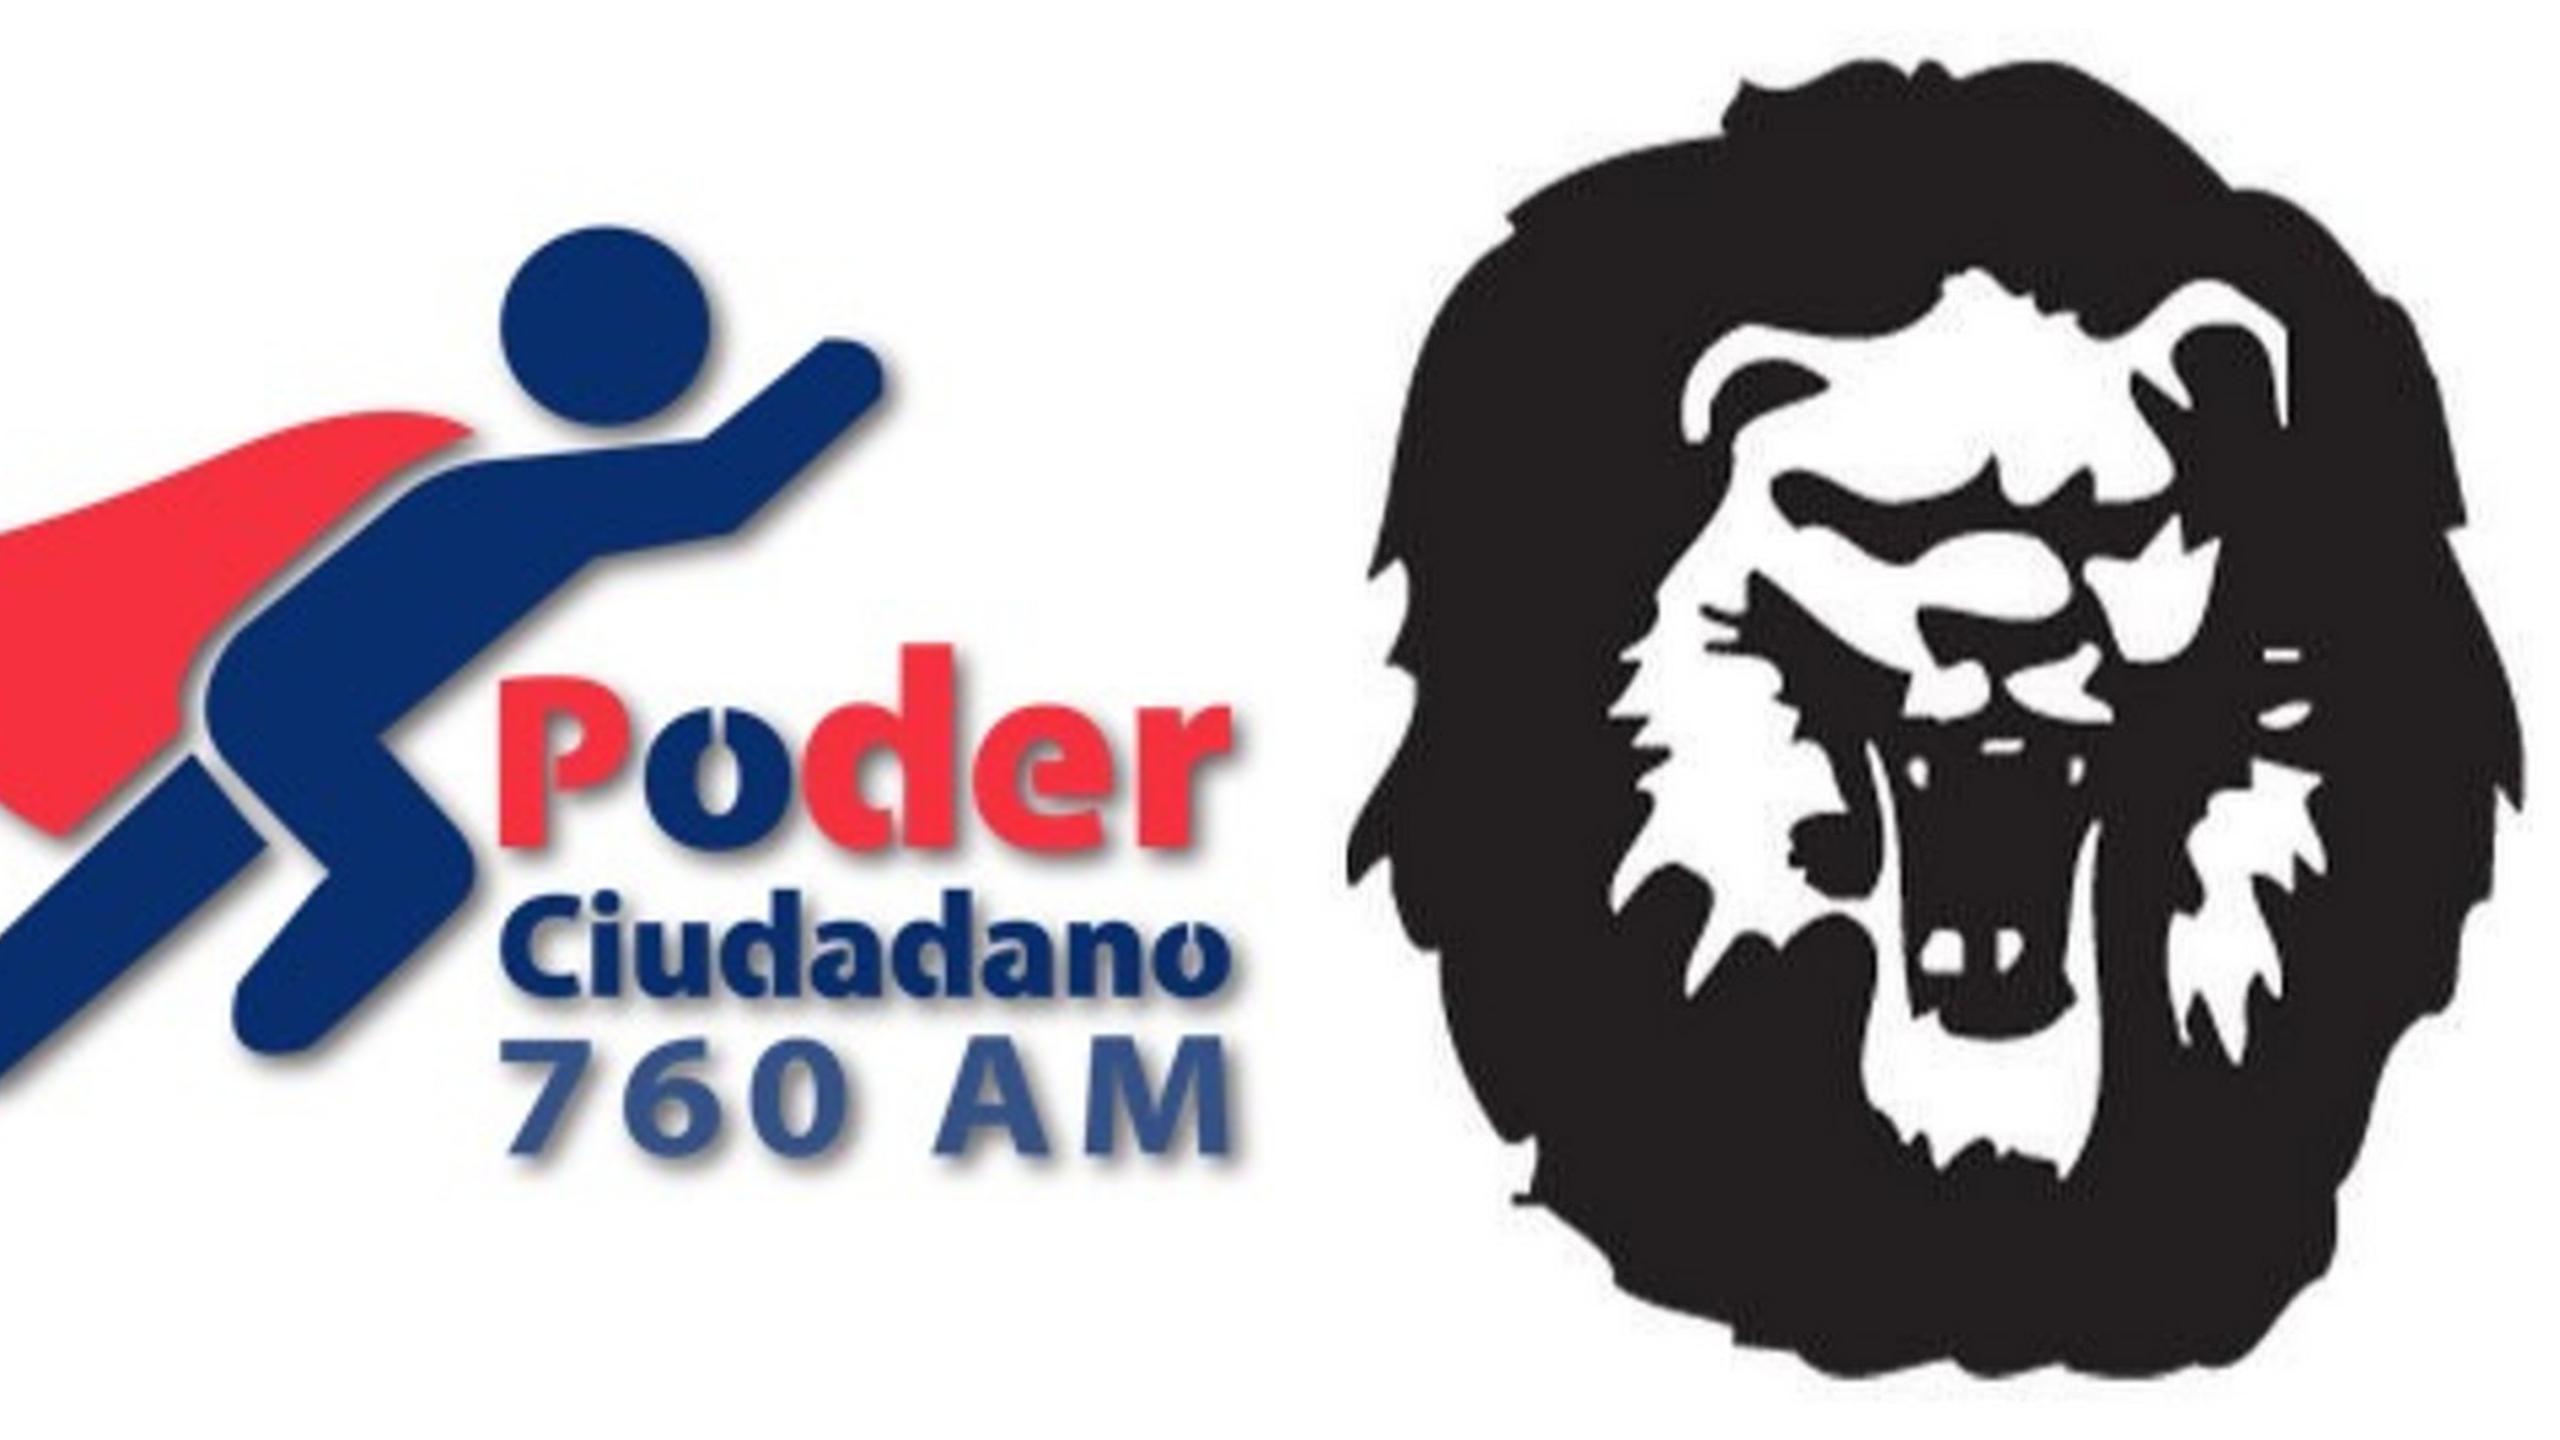 La Prensa desmiente renuncia de Procuradora capitalina en Poder Ciudadano